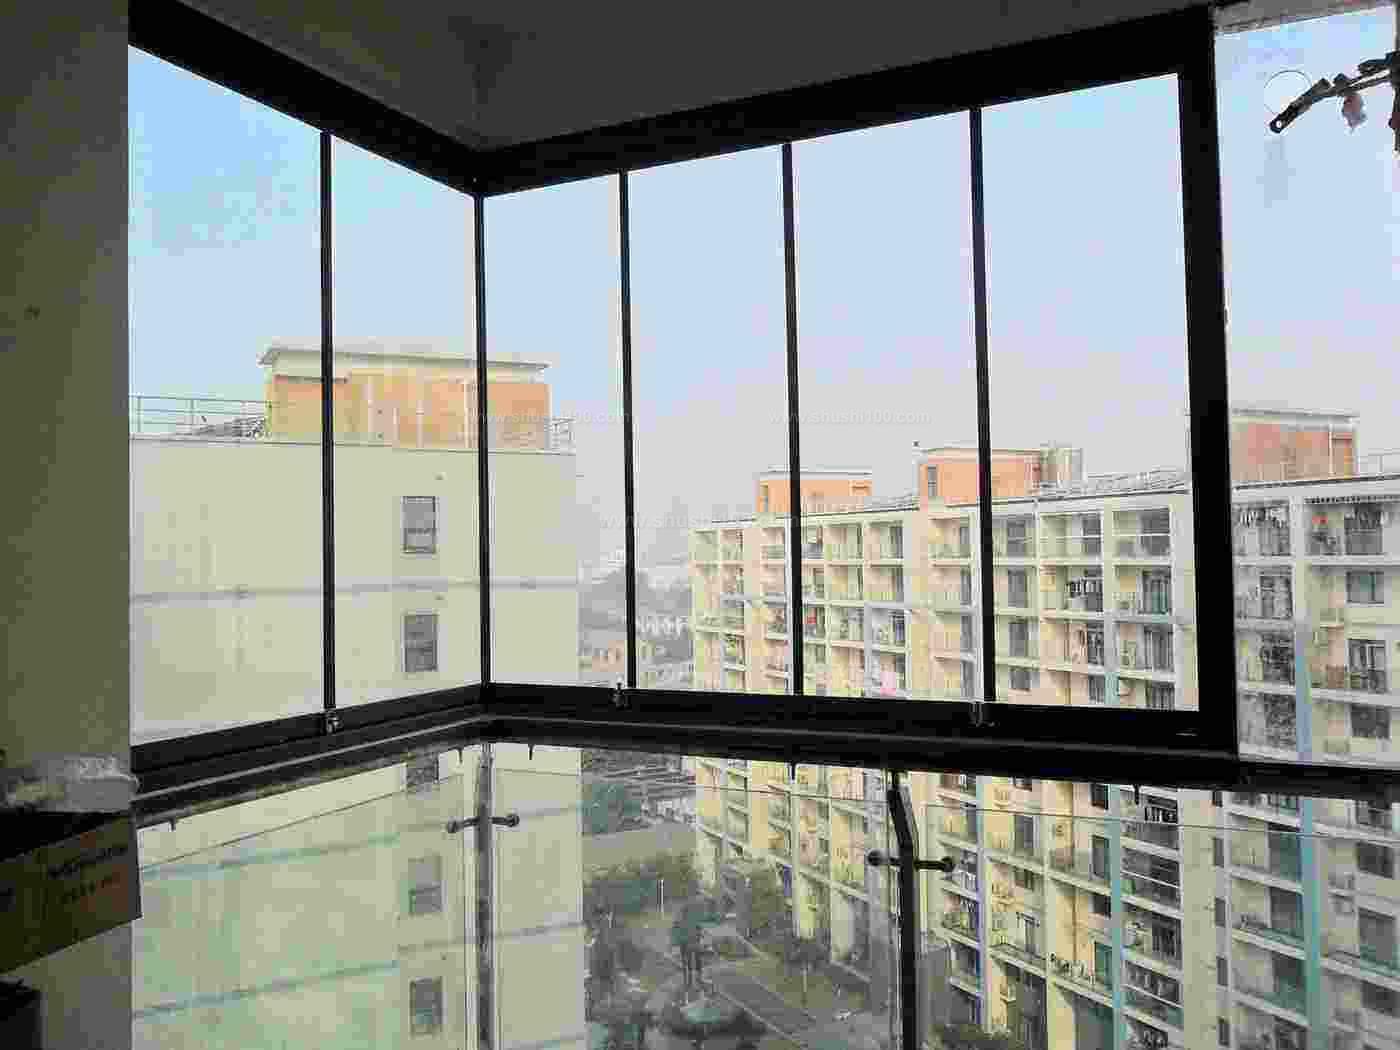 1、双层中空玻璃窗户。中空玻璃窗户的另一大使用功能就是能大幅度减低噪音的分贝数。一般的中空玻璃可减低噪音3045dB。其隔音原理是:中空玻璃窗户的密封空间内的空气,由于铝框内灌充的高效分子筛的吸附作用,成为导声系数很低的干燥气体,从而构成一道隔音屏障。中空玻璃密窗户封空间内若是惰性气体,还可以进一步提高其隔音效果。   2、双层真空玻璃窗户。真空玻璃窗户一般由两层4mm厚的平板玻璃构成,两层玻璃窗户中间留0.